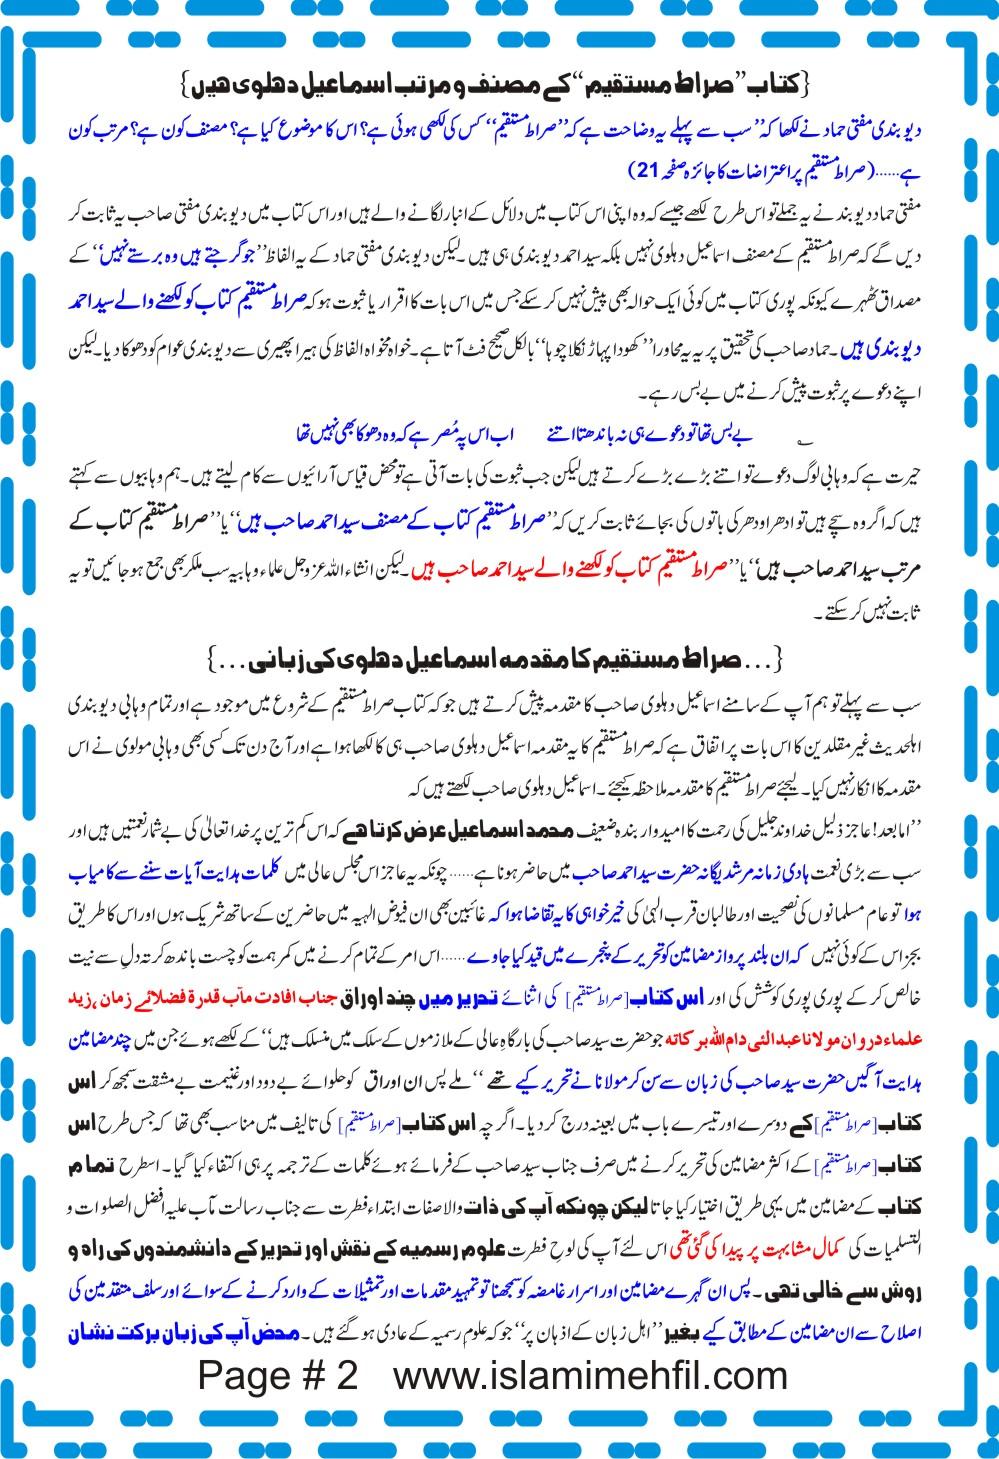 Siratul Mustaqeem (2).jpg